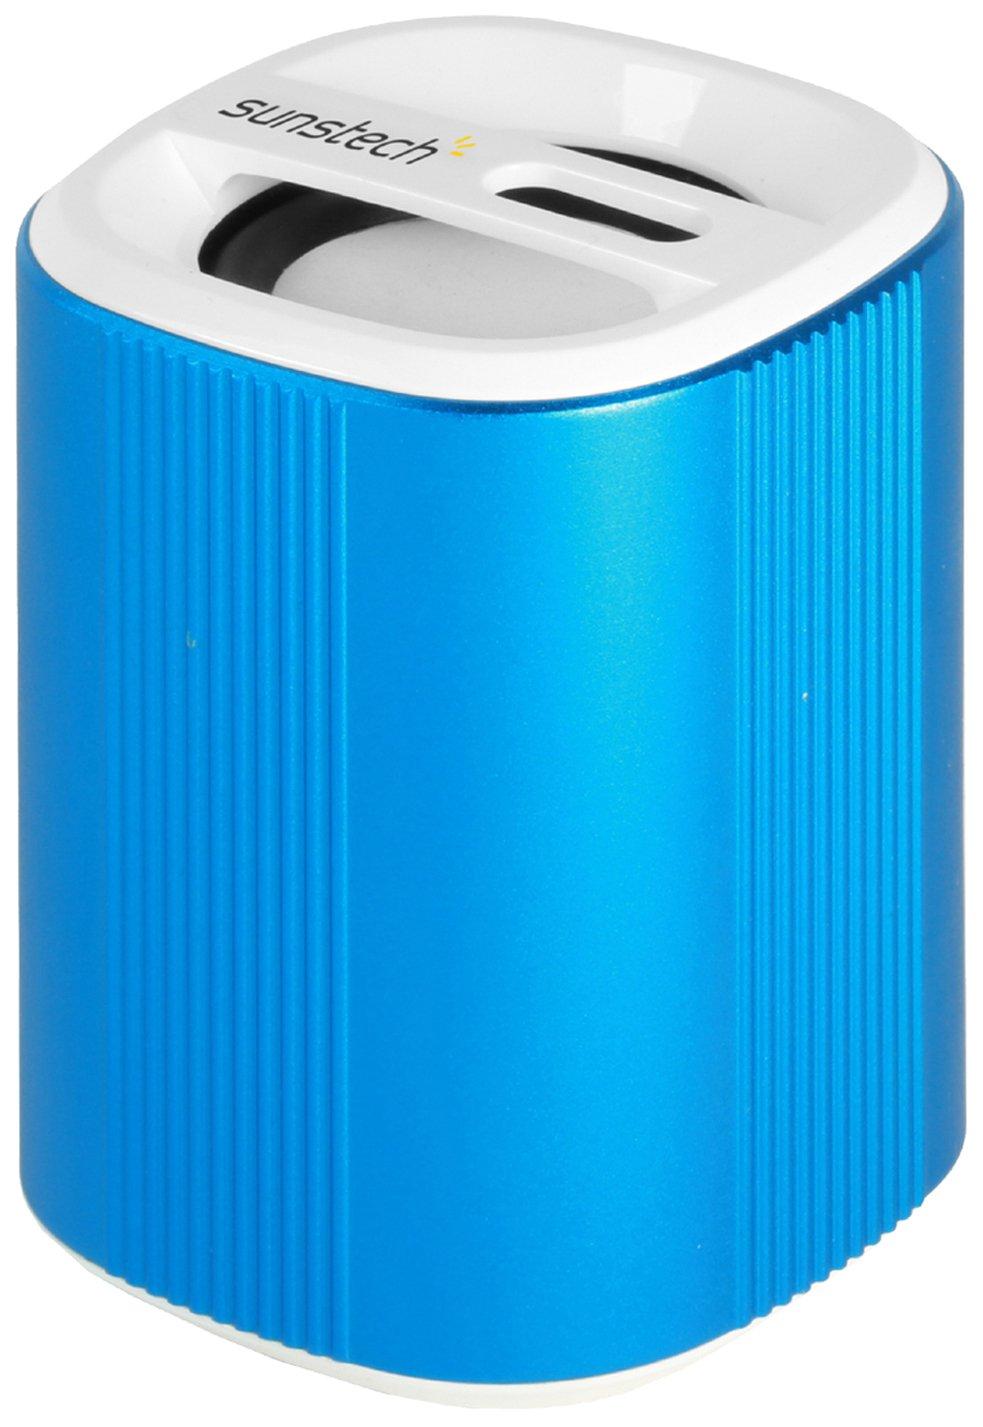 Sunstech SPUBT700BL - Altavoz con Bluetooth y micrófono (FM, SD, USB, Aux-in, 3 W RMS) azul - Electrónica más noticias y comentarios